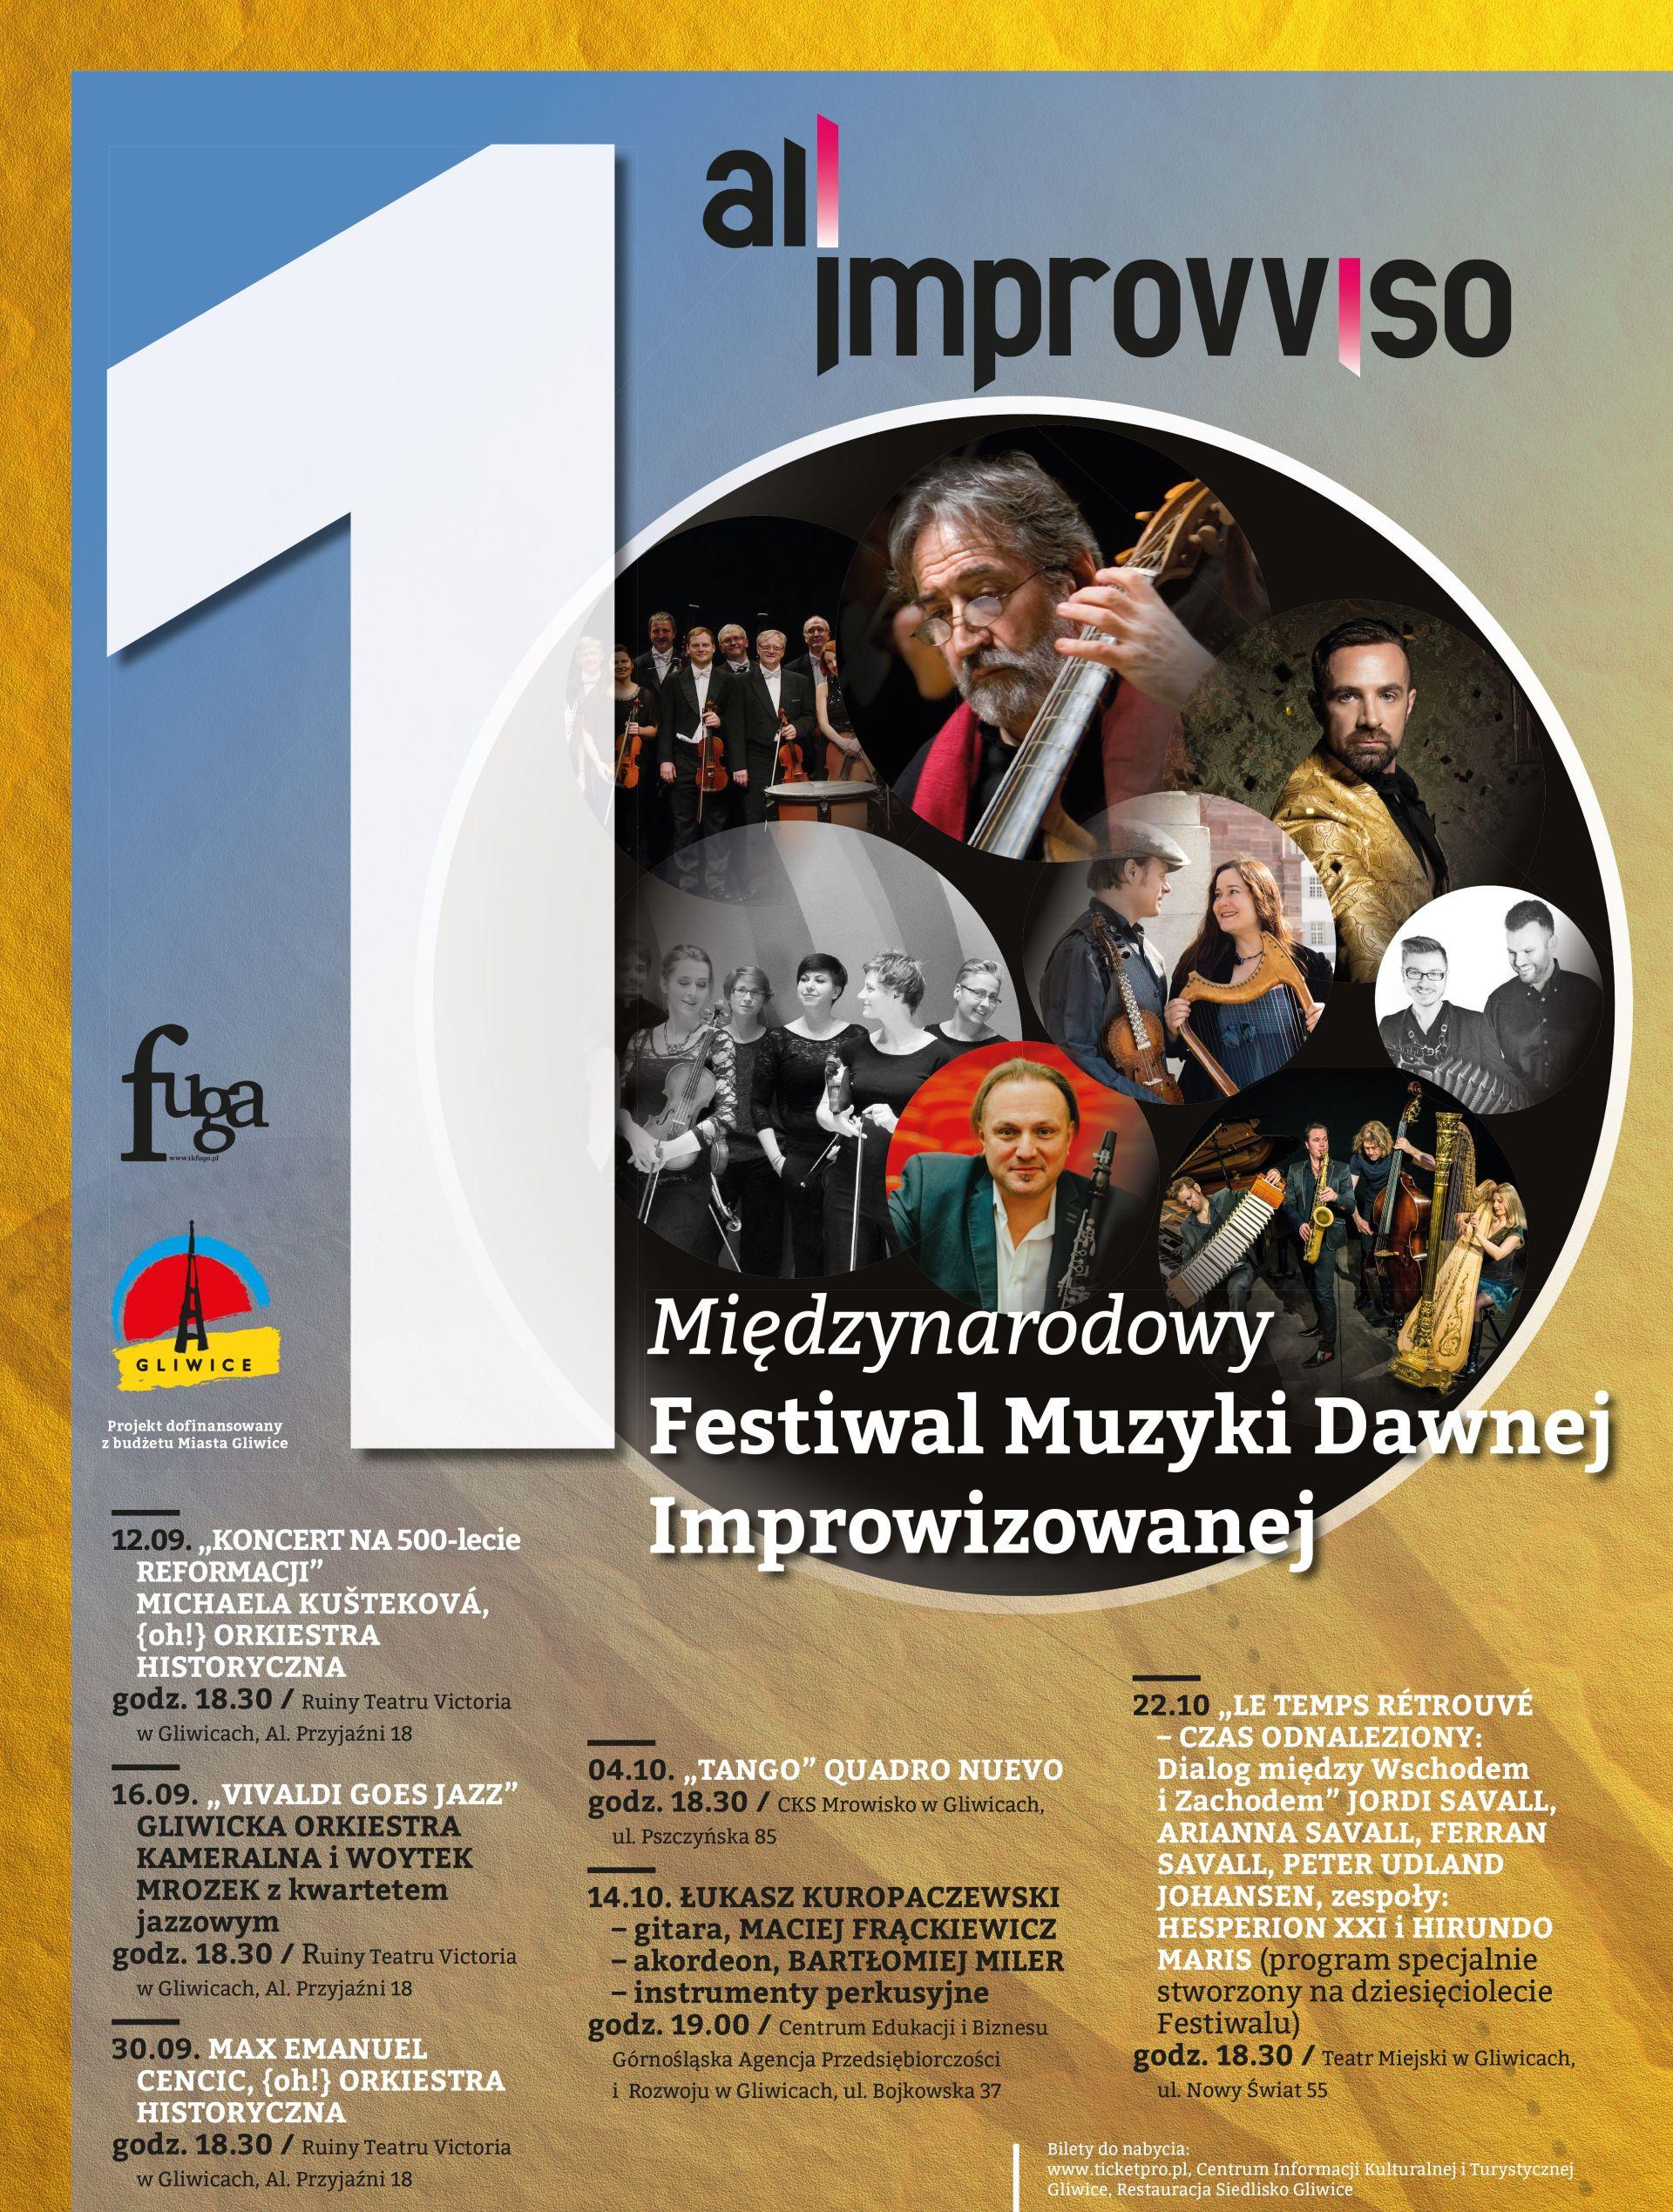 10. Międzynarodowy Festiwal Muzyki Dawnej Improwizowanej All'Improvviso (źródło: materiały prasowe)